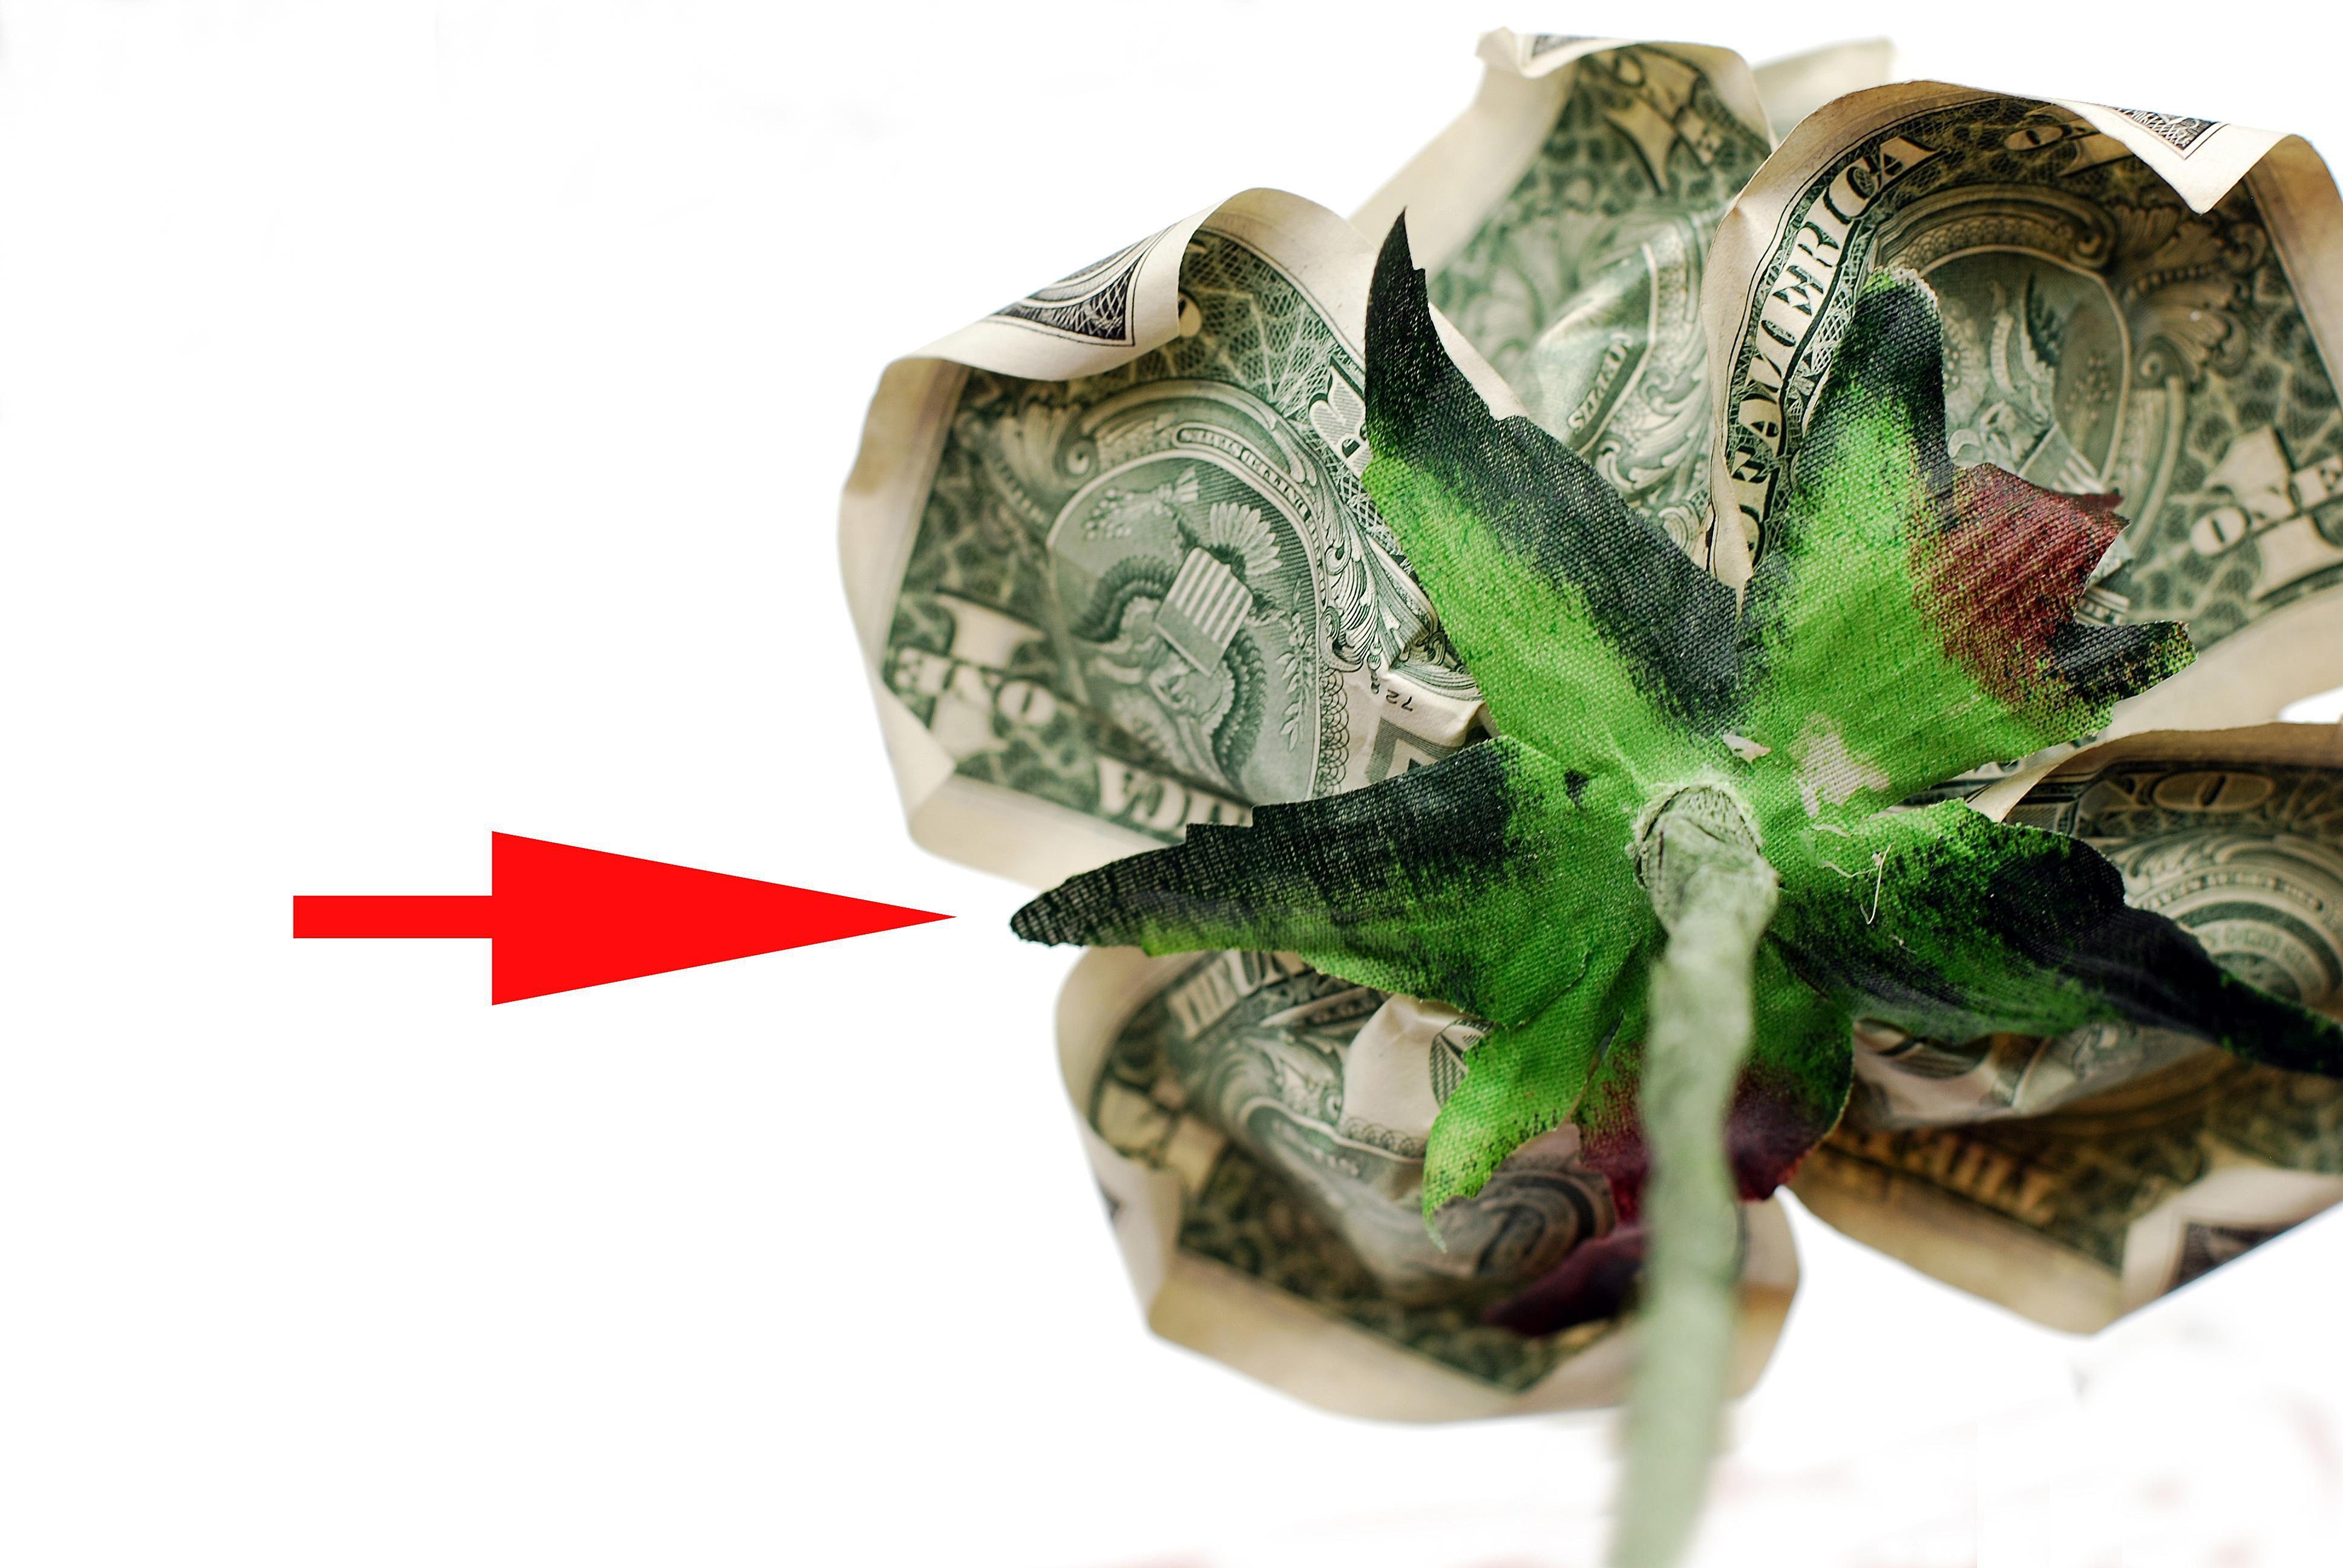 Sepal on bottom of money rose